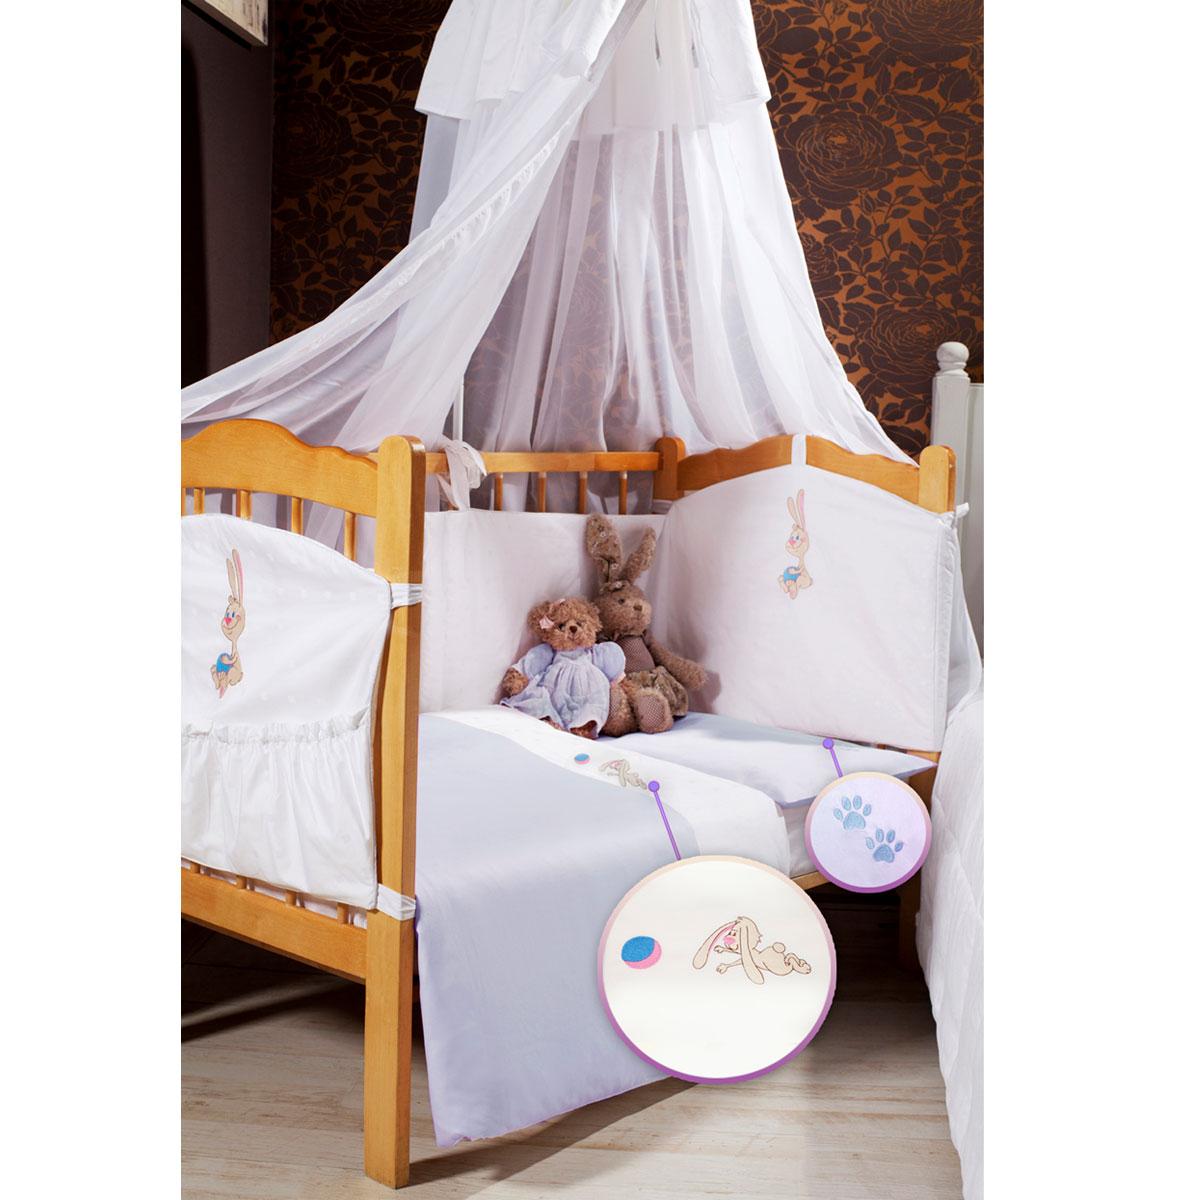 Детское постельное белье Primavelle Lovely Baby (ясельный спальный КПБ, хлопок, наволочка 42х62), цвет: голубой115124231-4818вДетское постельное белье Primavelle Lovely Baby прекрасно подойдет для вашего малыша. Текстиль произведен из 100% хлопка. При нанесении рисунка используются безопасные натуральные красители, не вызывающие аллергии. Гладкая структура делает ткань приятной на ощупь, она прочная и хорошо сохраняет форму, мало мнется и устойчива к частым стиркам. Комплект состоит из наволочки, простыни на резинке и пододеяльника. Яркий рисунок непременно понравится вашему ребенку. В комплект входят: Пододеяльник - 1 шт. Размер: 145 см х 115 см. Простыня - 1 шт. Размер: 120 см х 60 см. Наволочка - 1 шт. Размер: 42 см х 62 см.